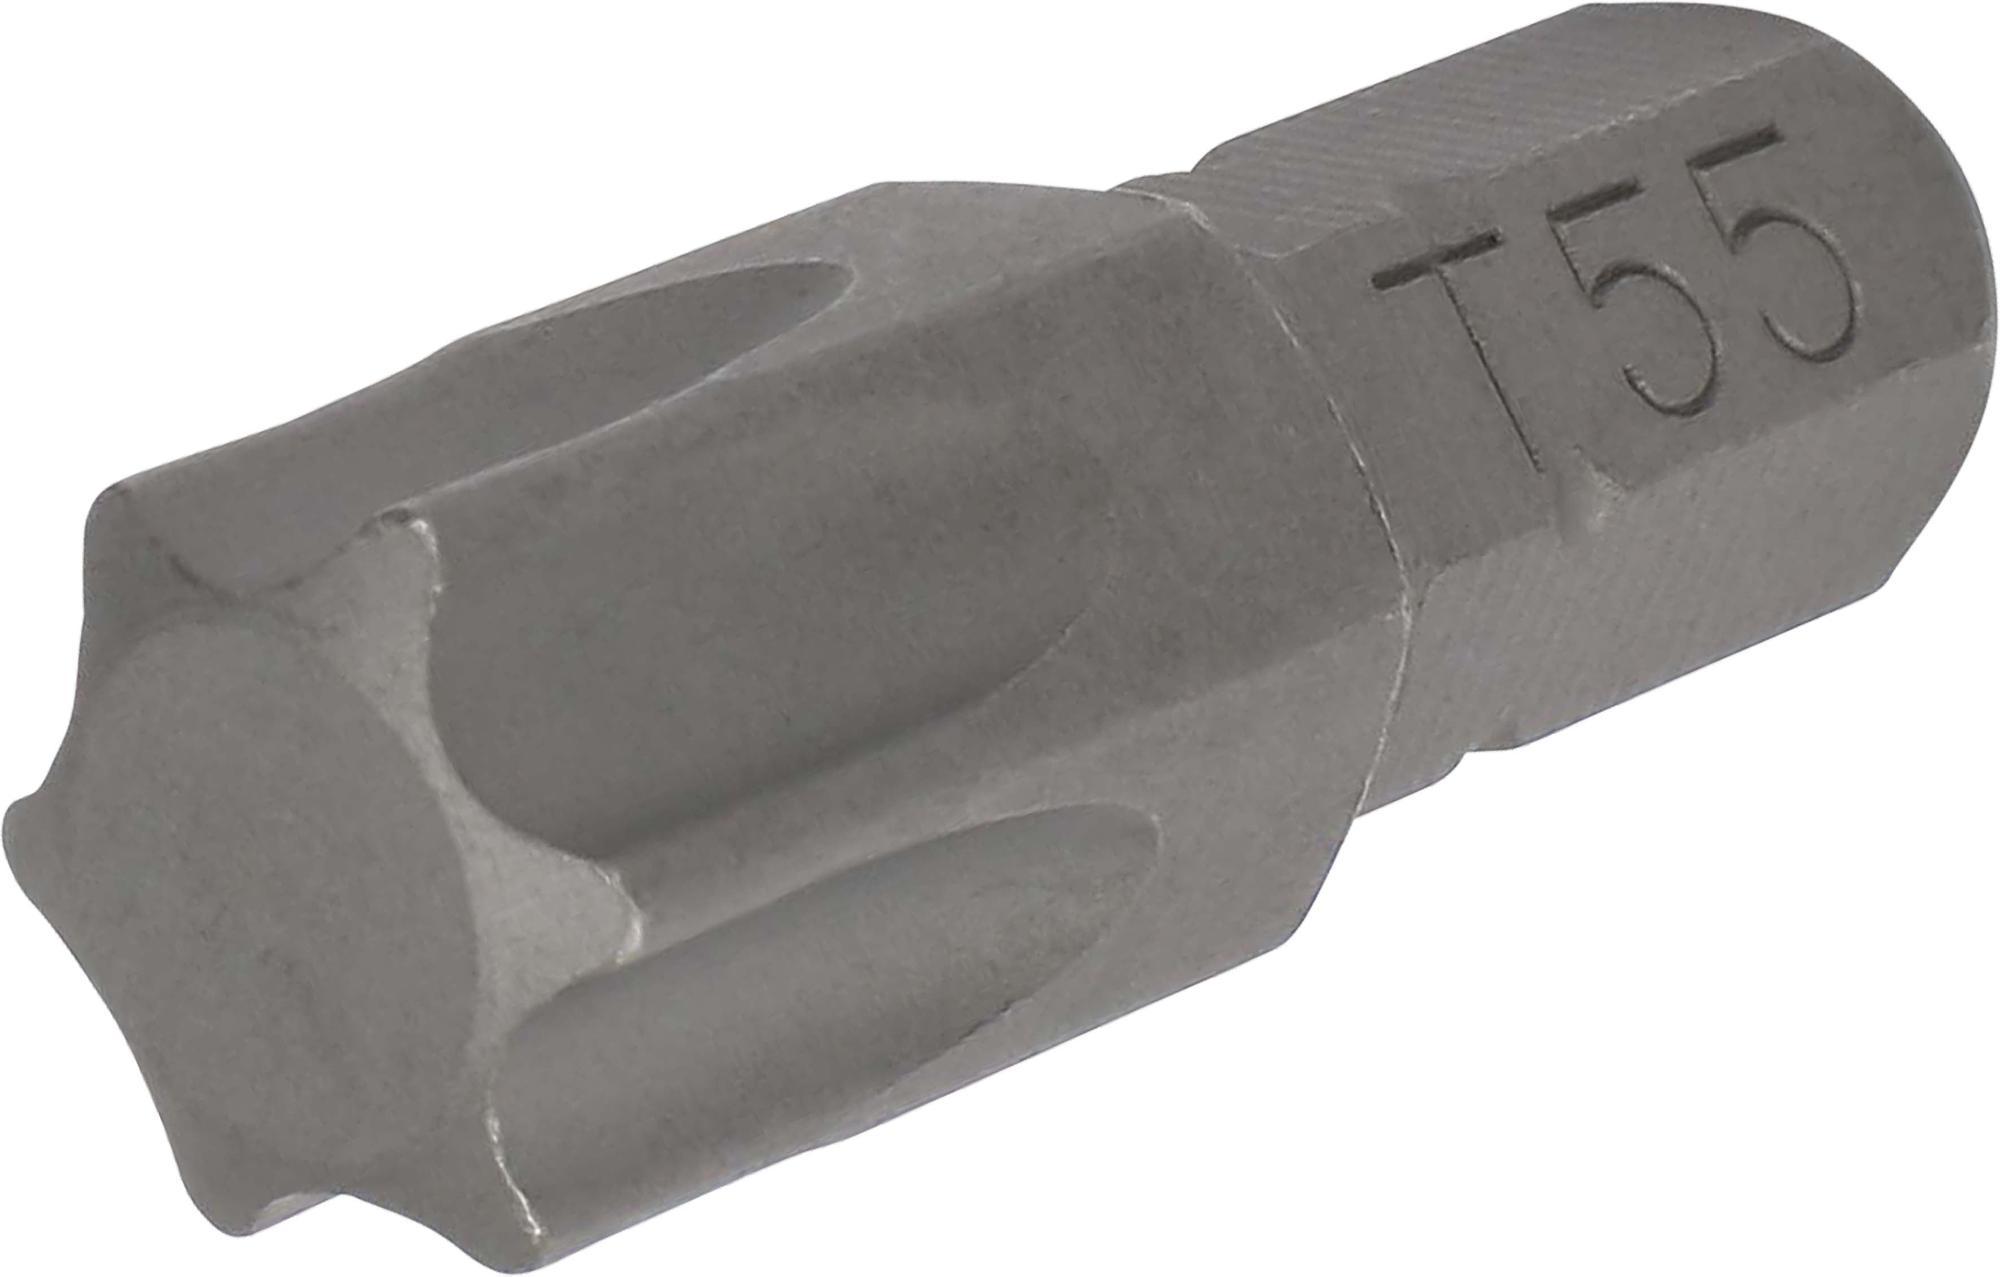 Bit, 8 mm 6-hran, TORX T55x30 mm